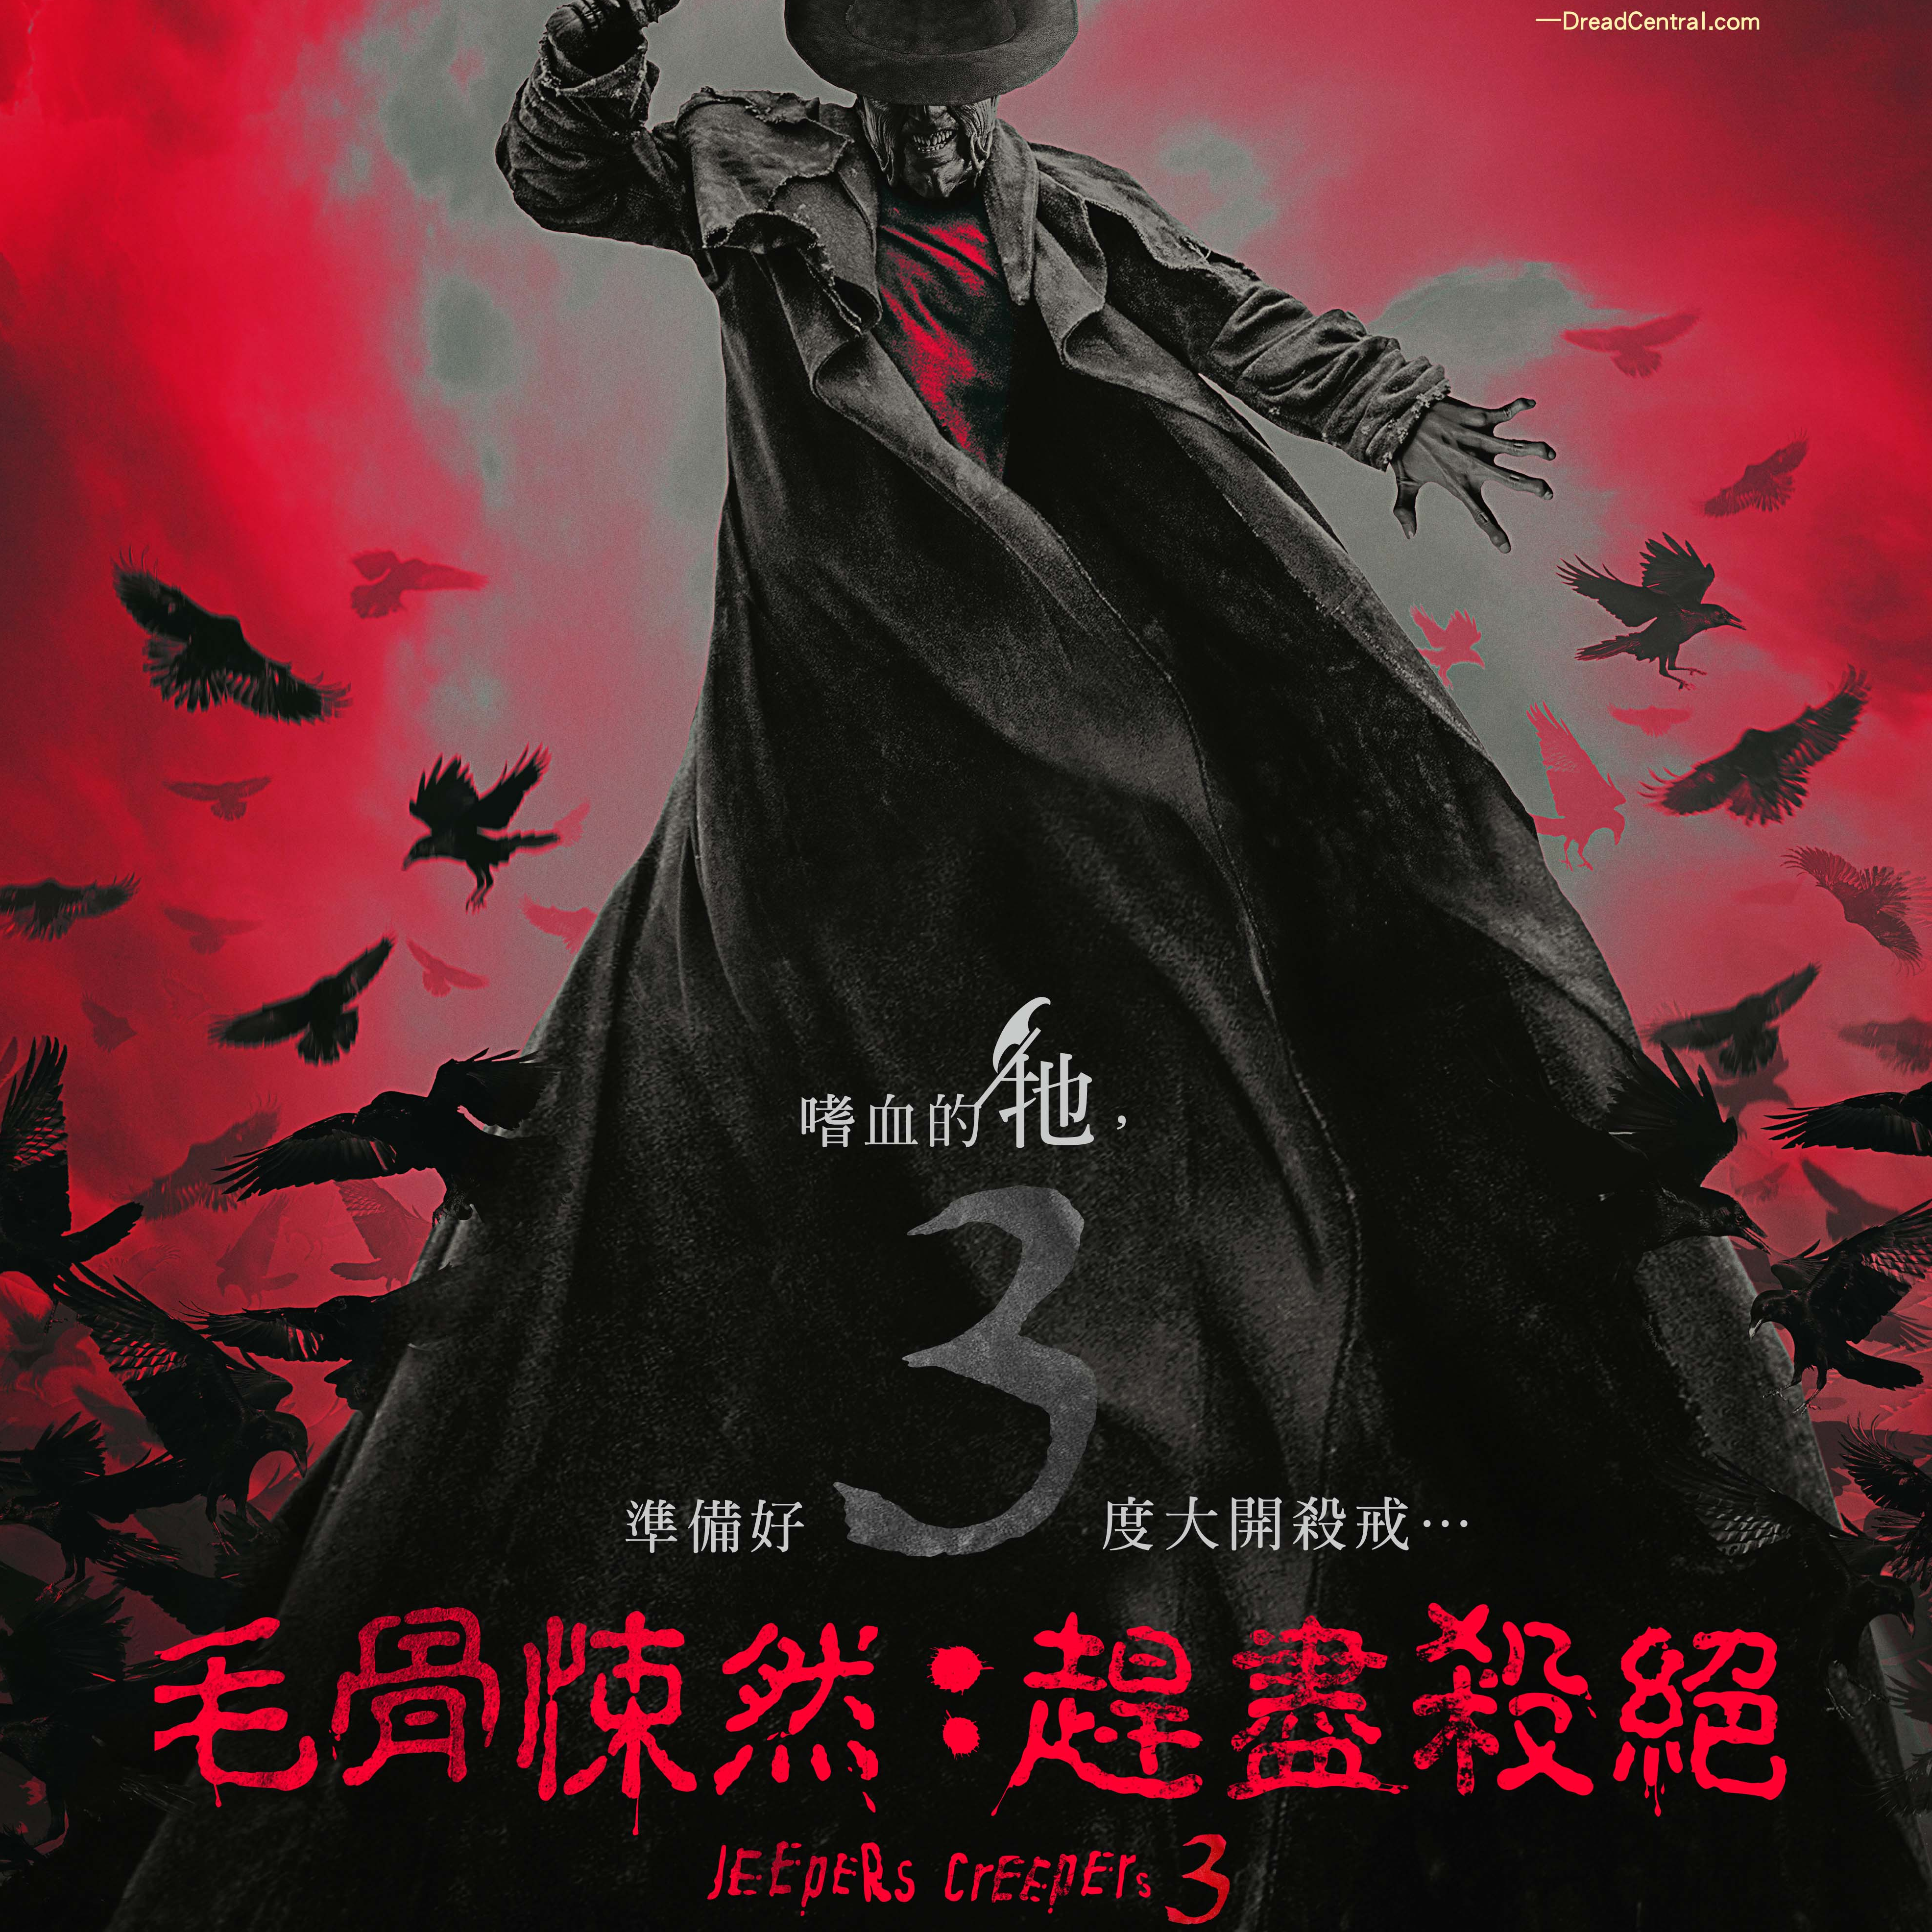 《毛骨悚然:趕盡殺絕》首三日電影交換券贈票活動!